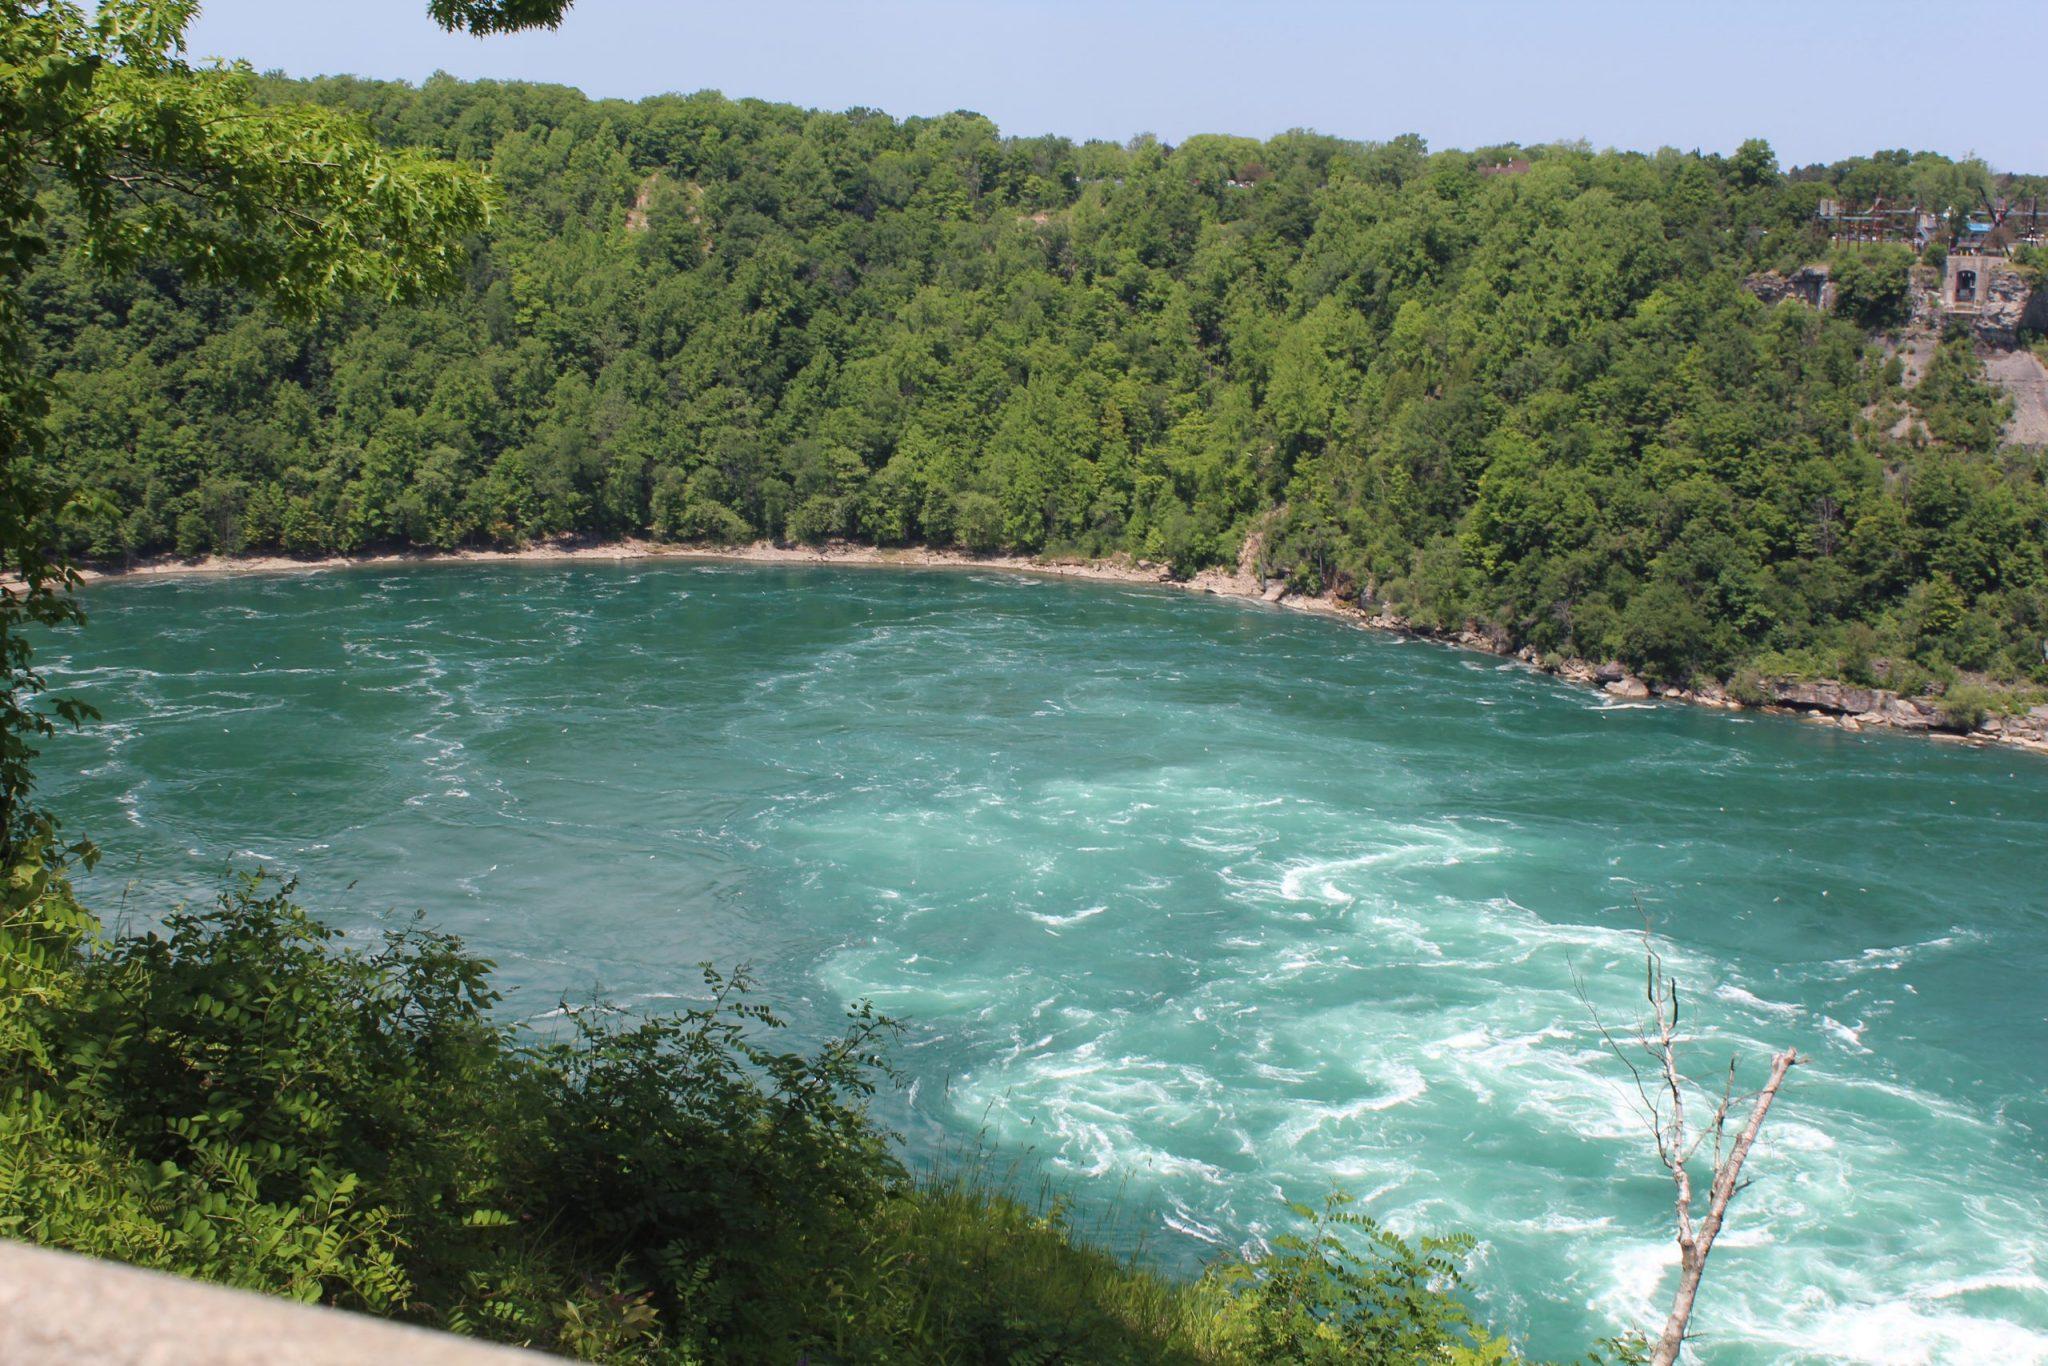 A photo of the Niagara River